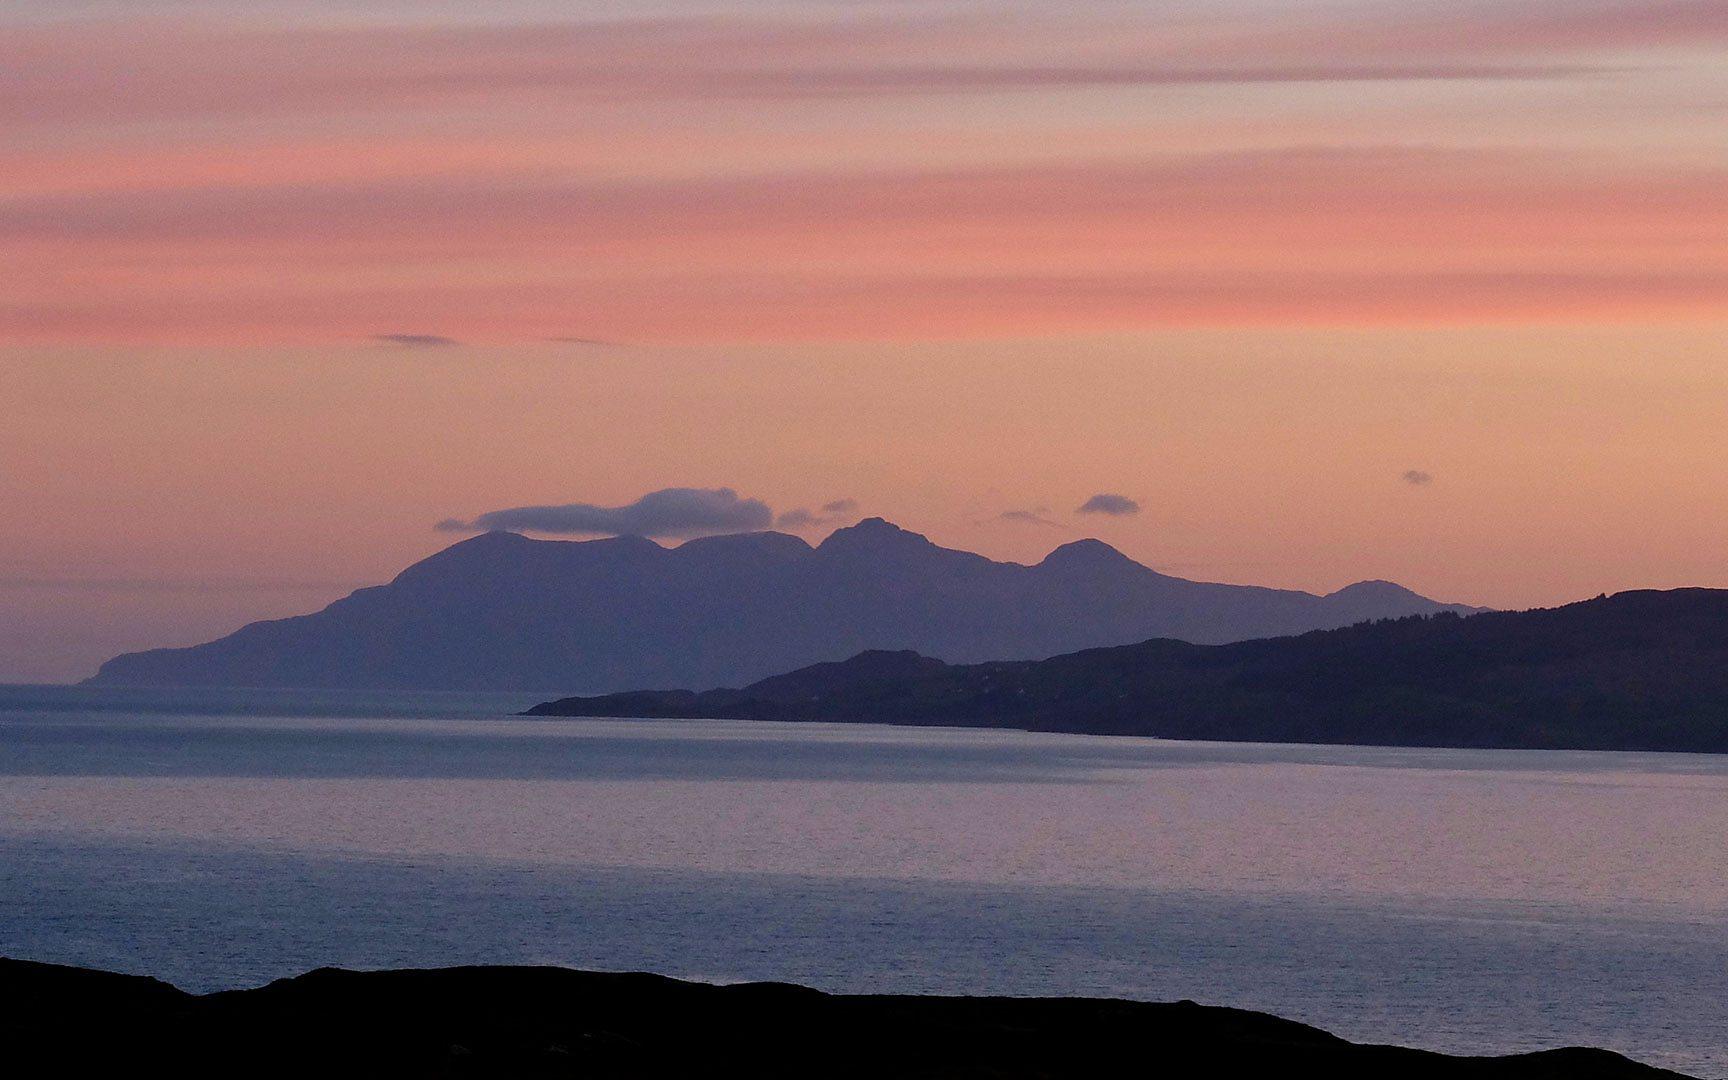 纪录片.BBC.苏格兰湖泊胜景.S04E05.2021[高清][英字]